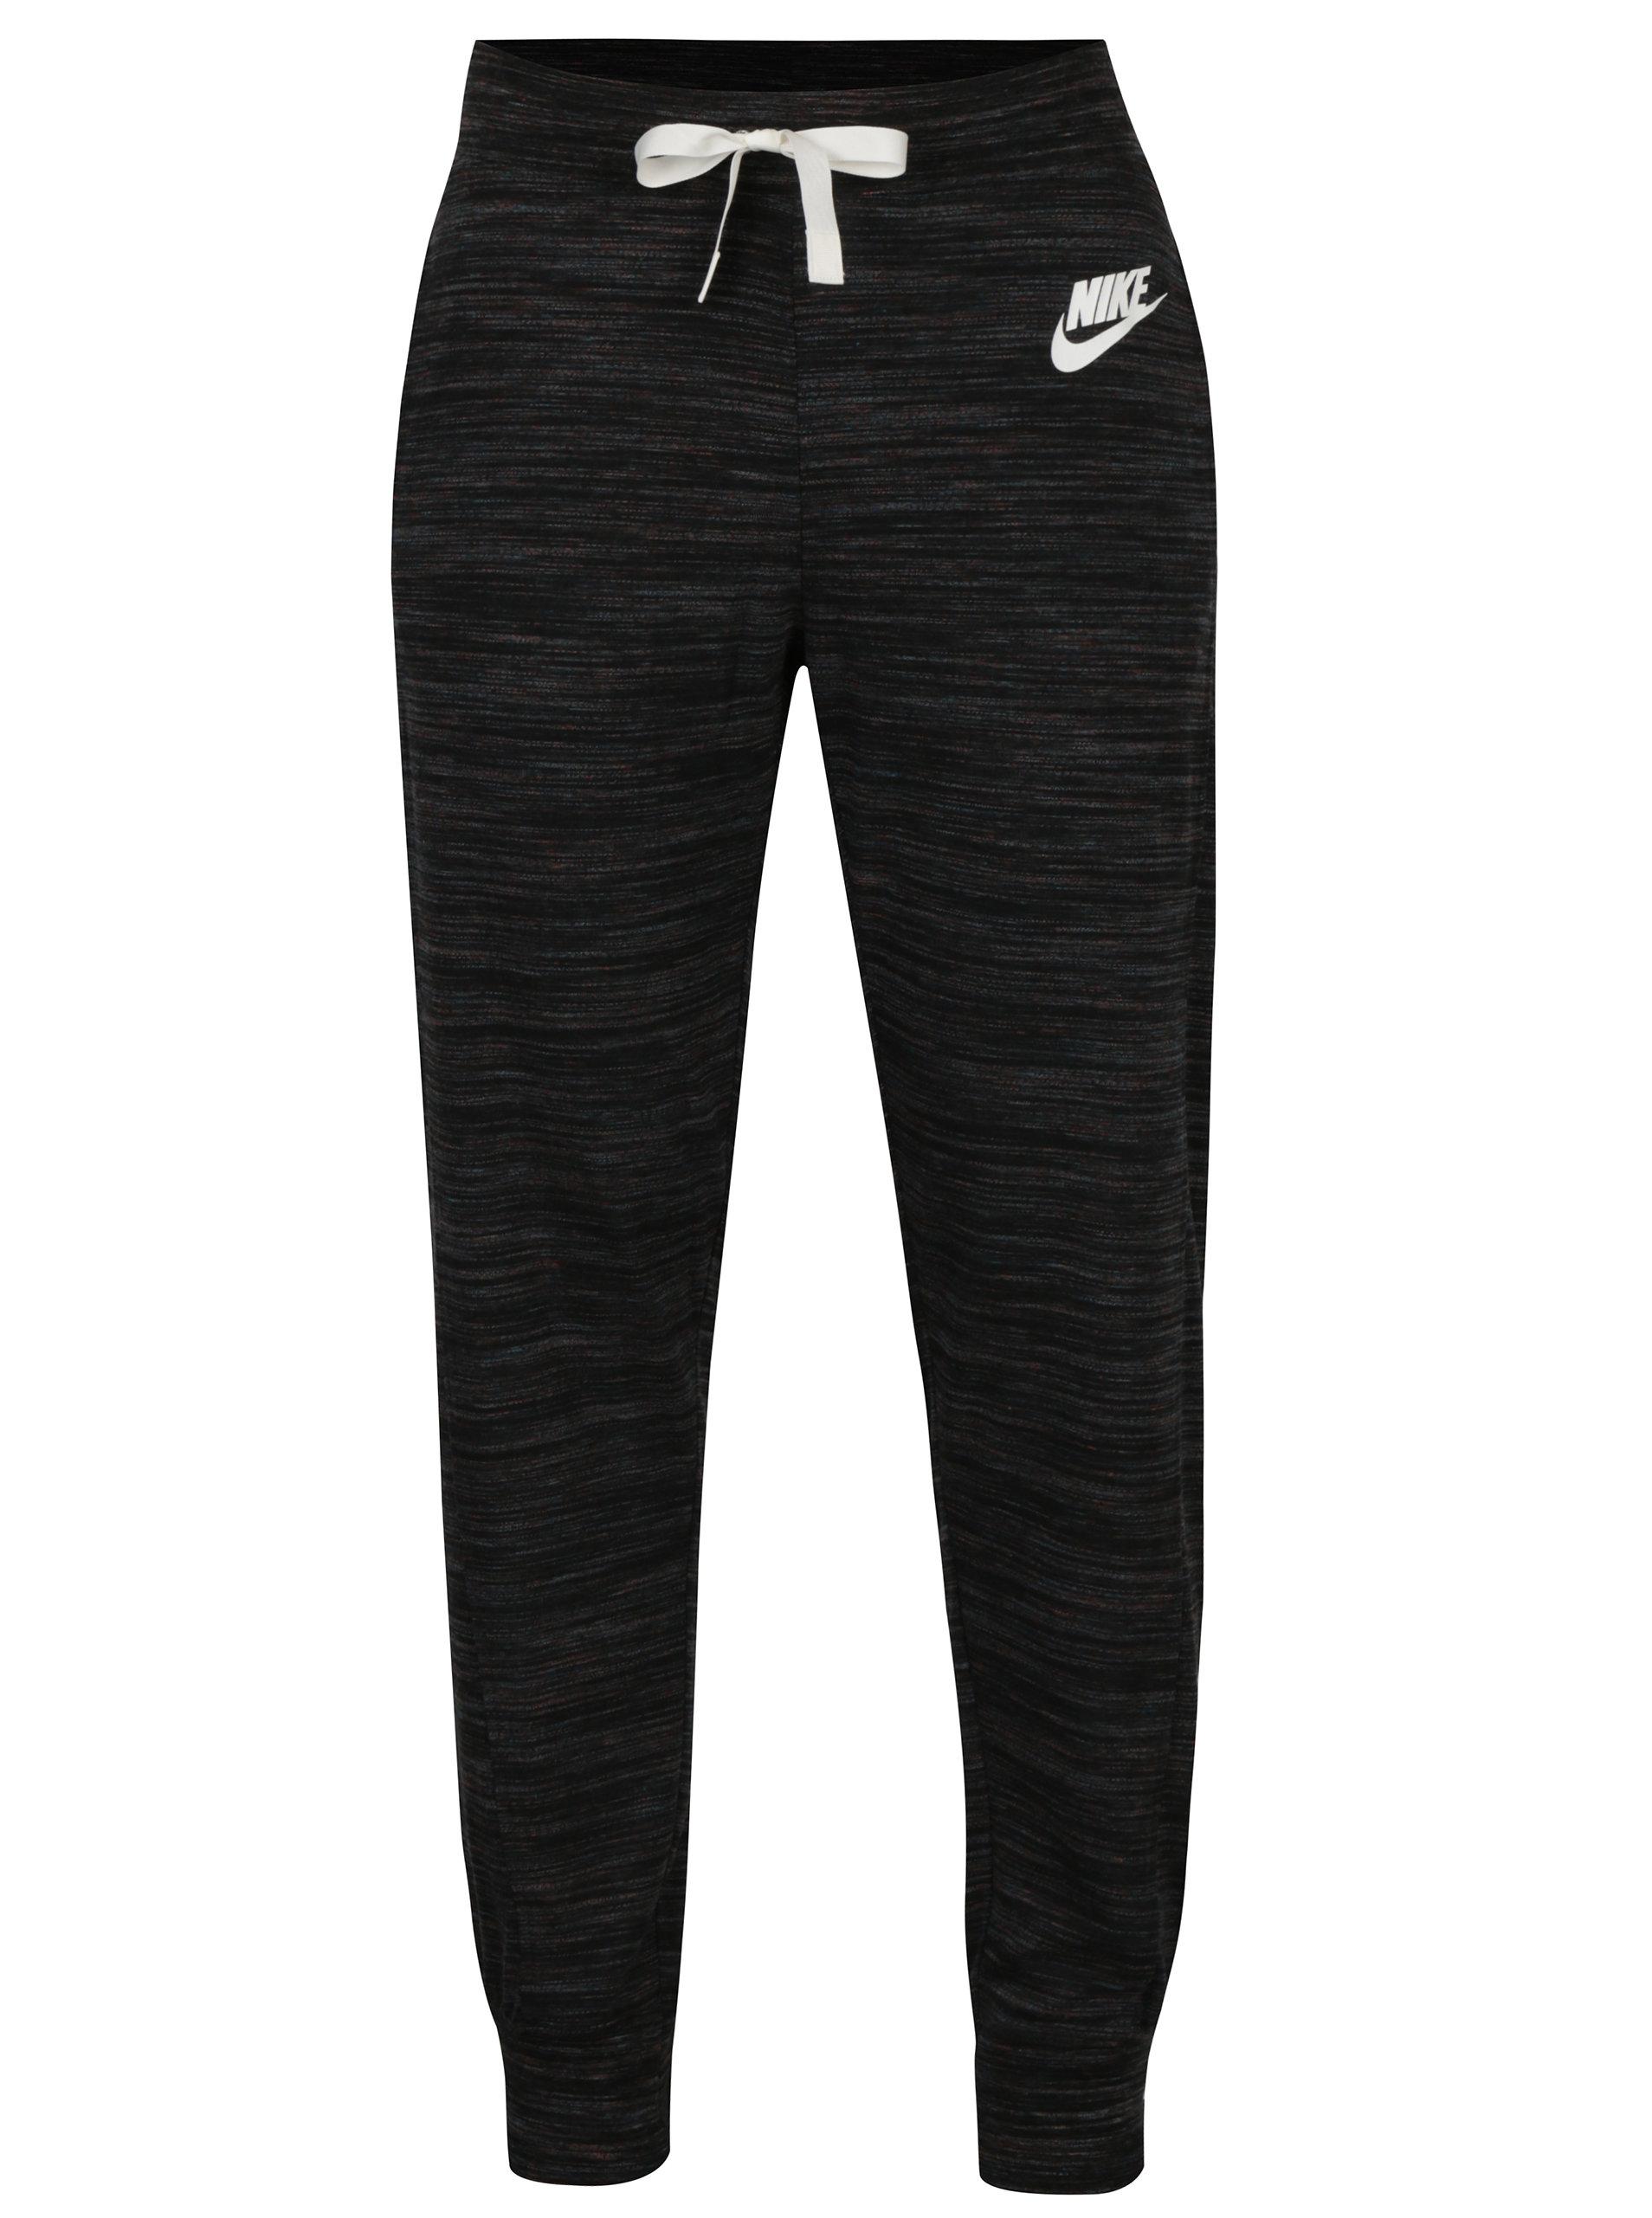 5625045f1 Čierne dámske melírované tepláky Nike Sportswear Gym | ZOOT.sk